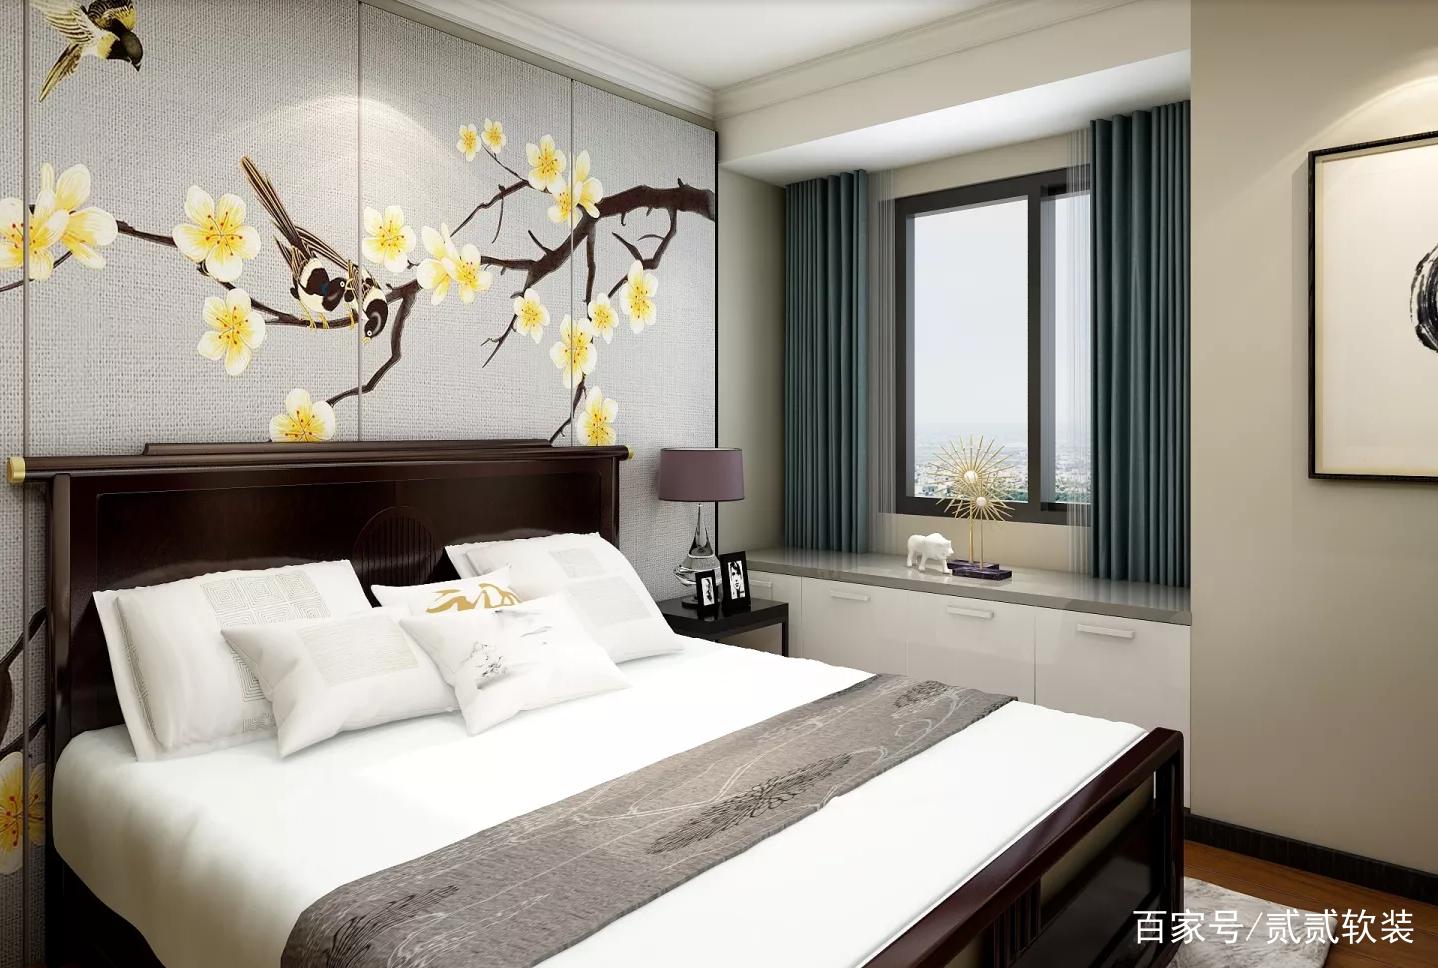 主卧效果图.床做中式造型,飘窗使用灰色安在飘窗内,非常漂亮.